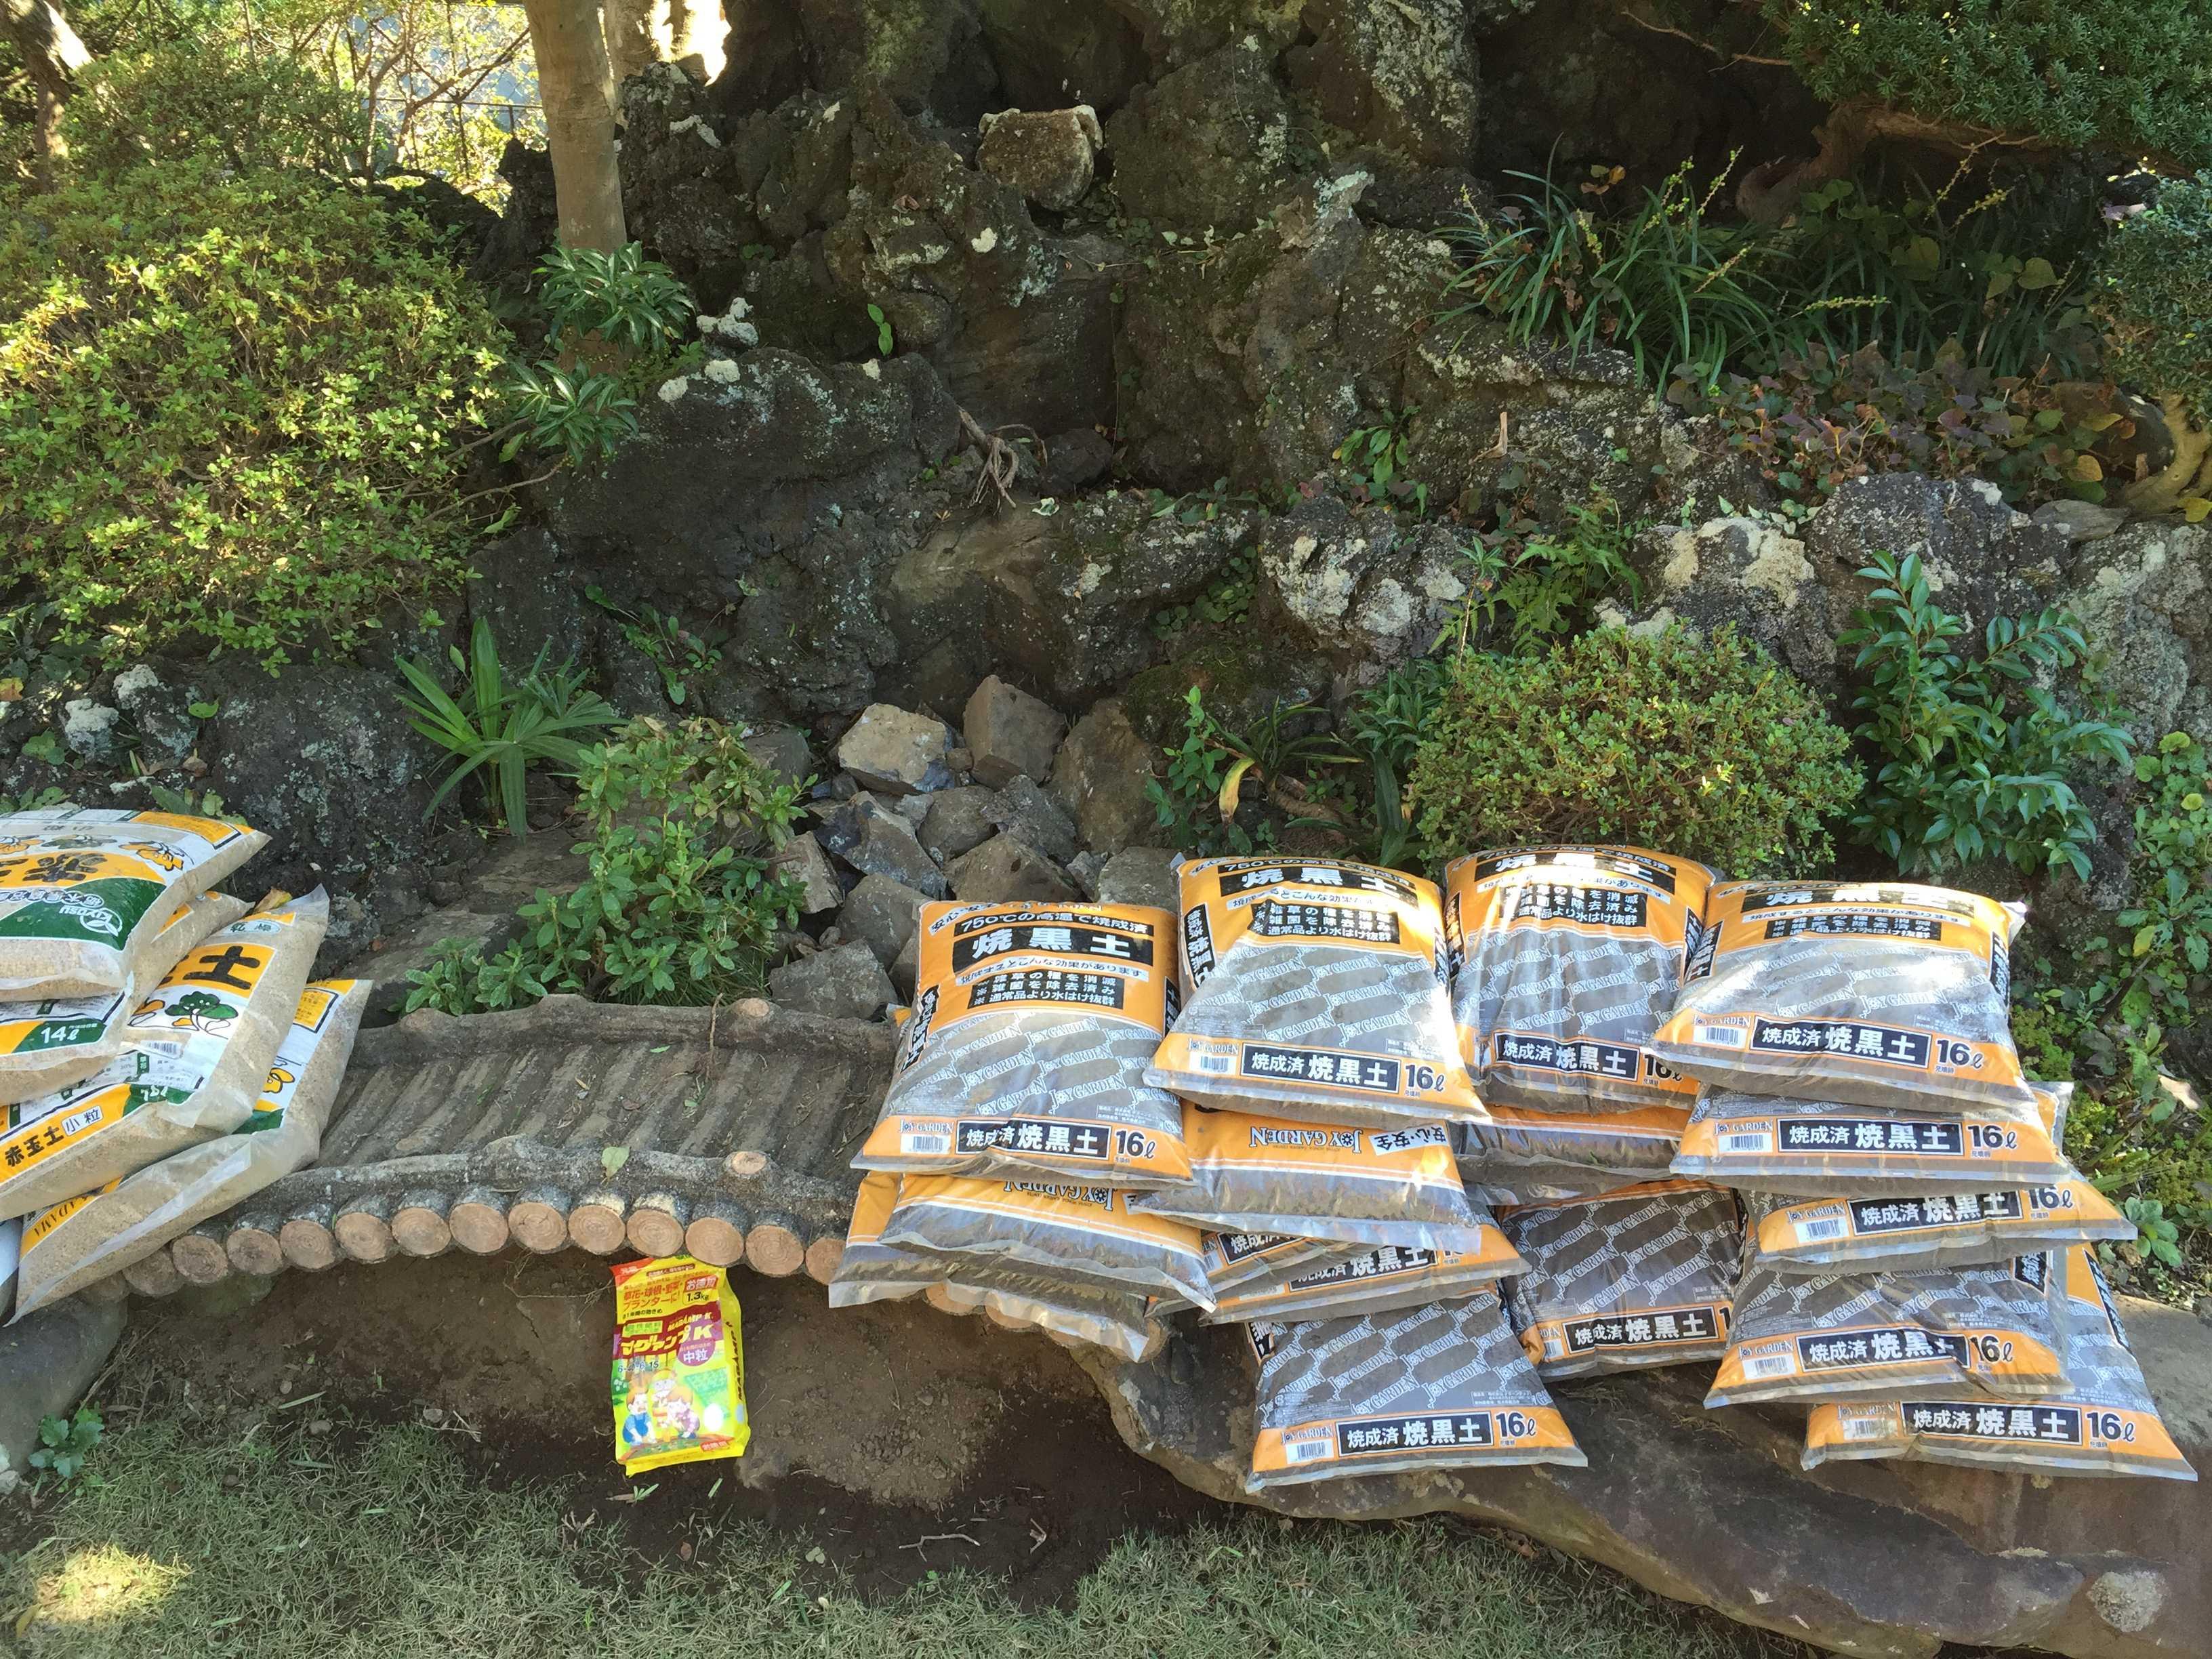 ヤマユリの球根植え付け - 焼成済み焼黒土